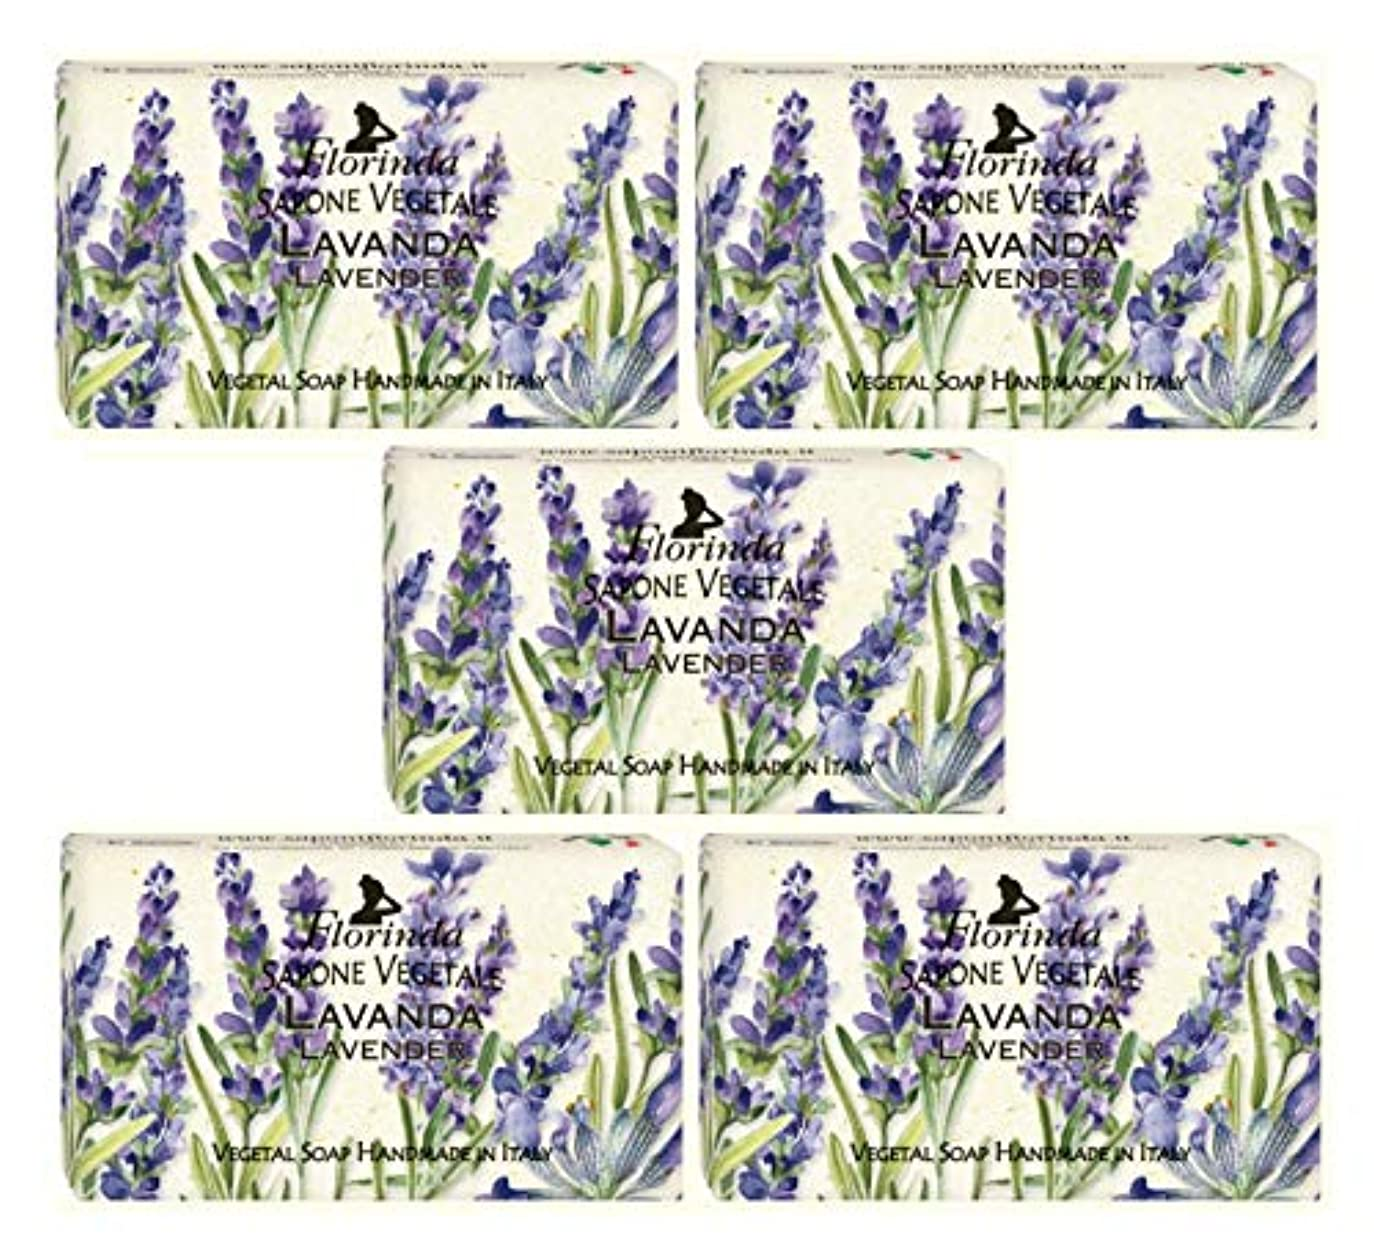 道を作るマガジンメイエラフロリンダ フレグランスソープ 固形石けん 花の香り ラベンダー 95g×5個セット